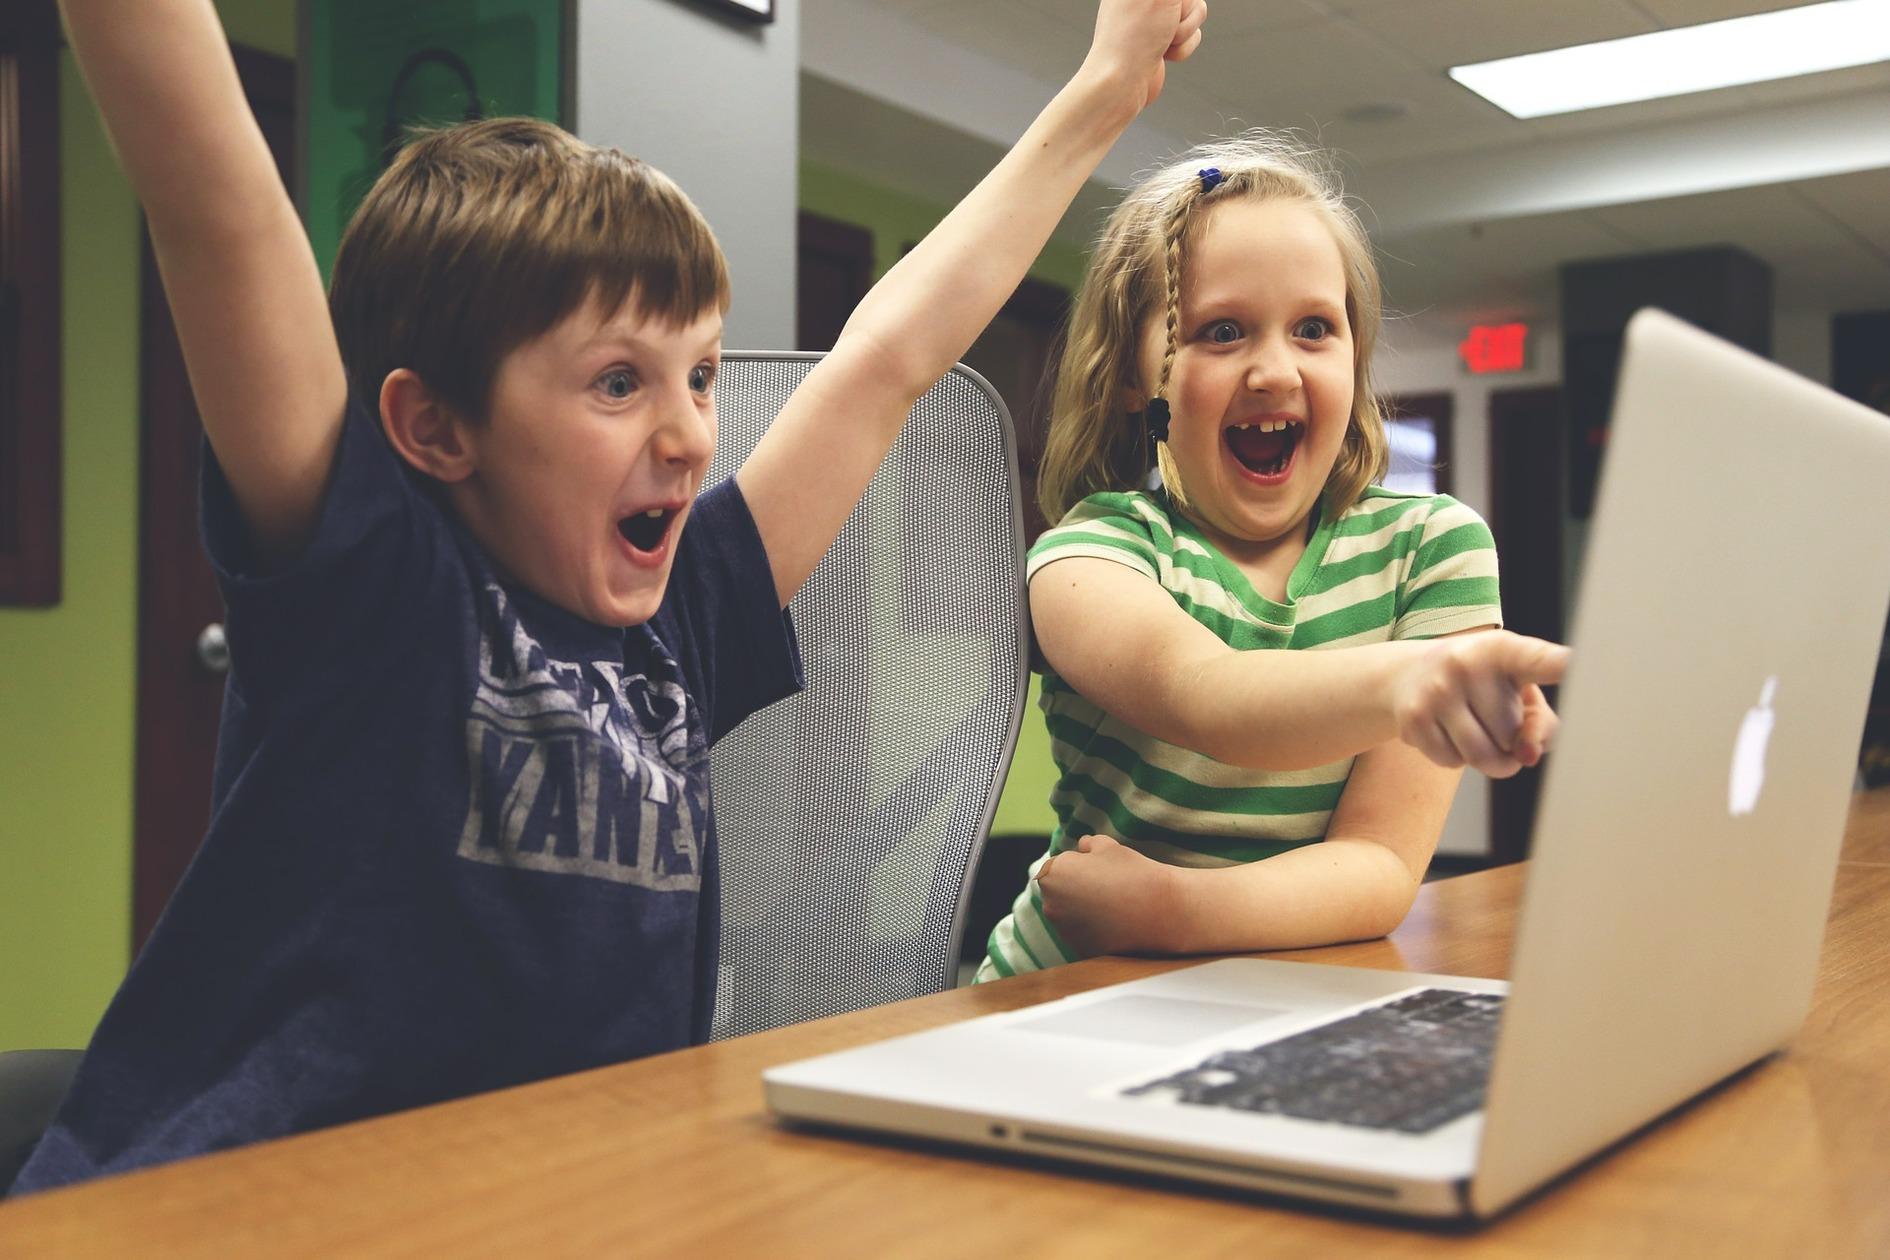 【子ども向け】プログラミング体験教室を行っている企業15選